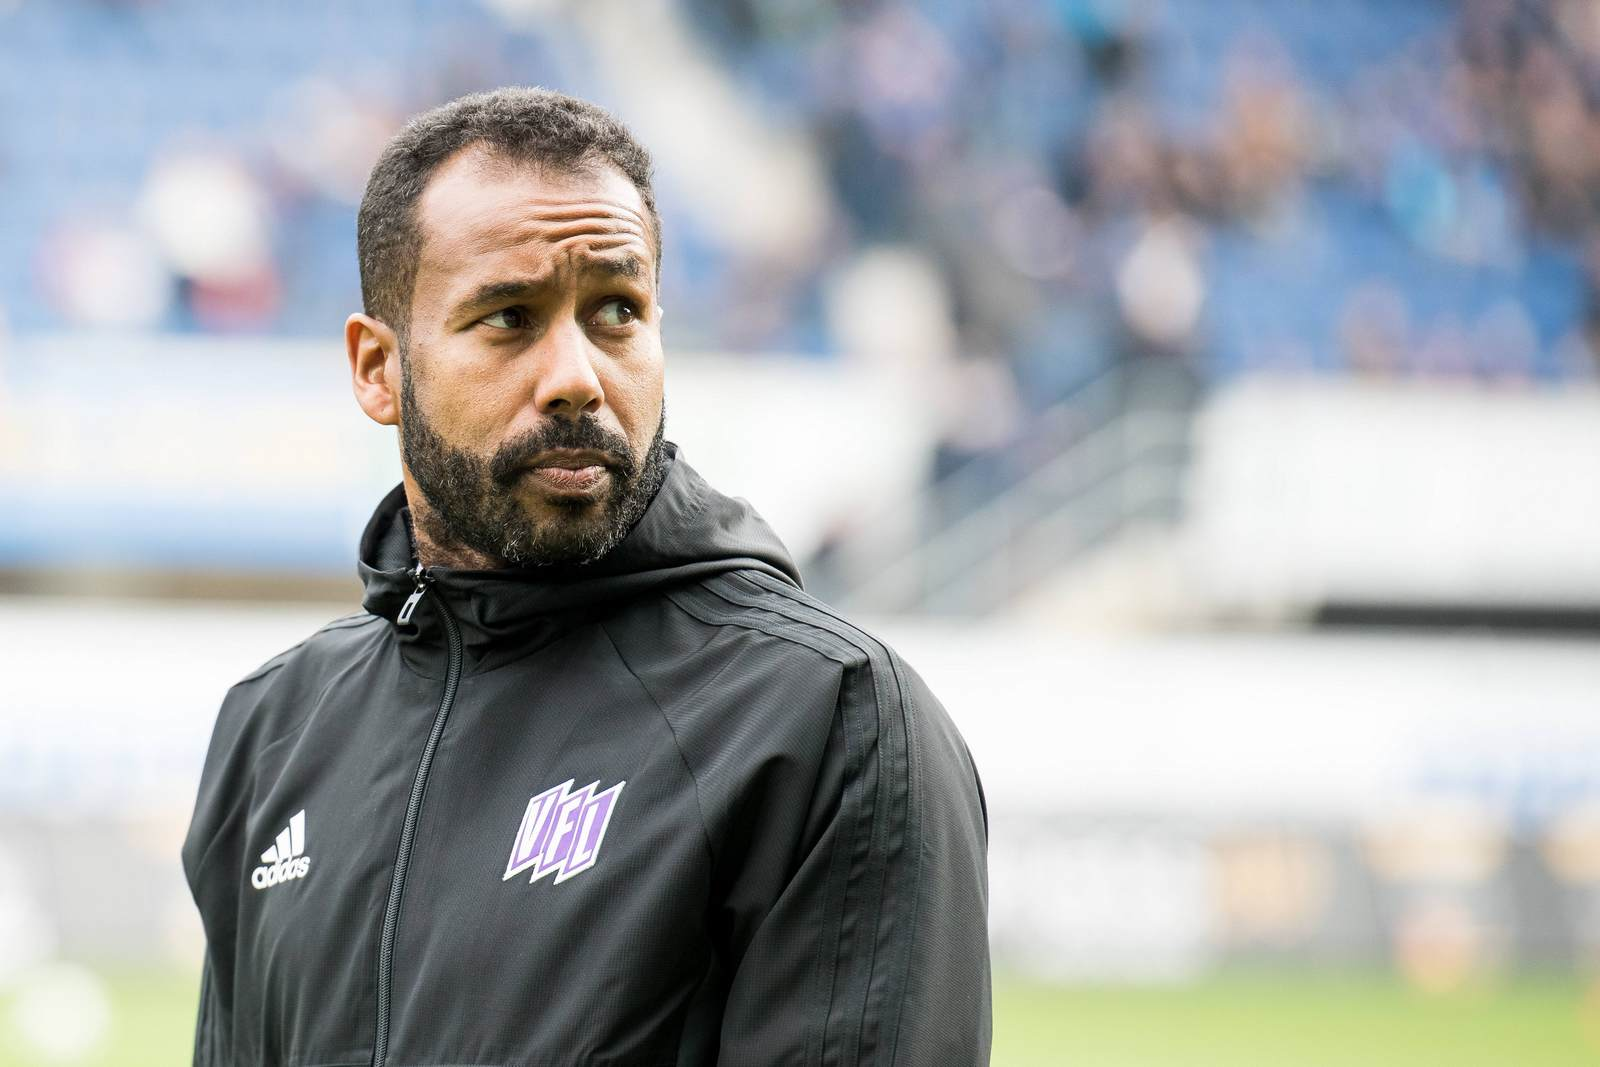 Bei der Mannschaft geachtet: Osnabrücks neuer Cheftrainer Daniel Thioune